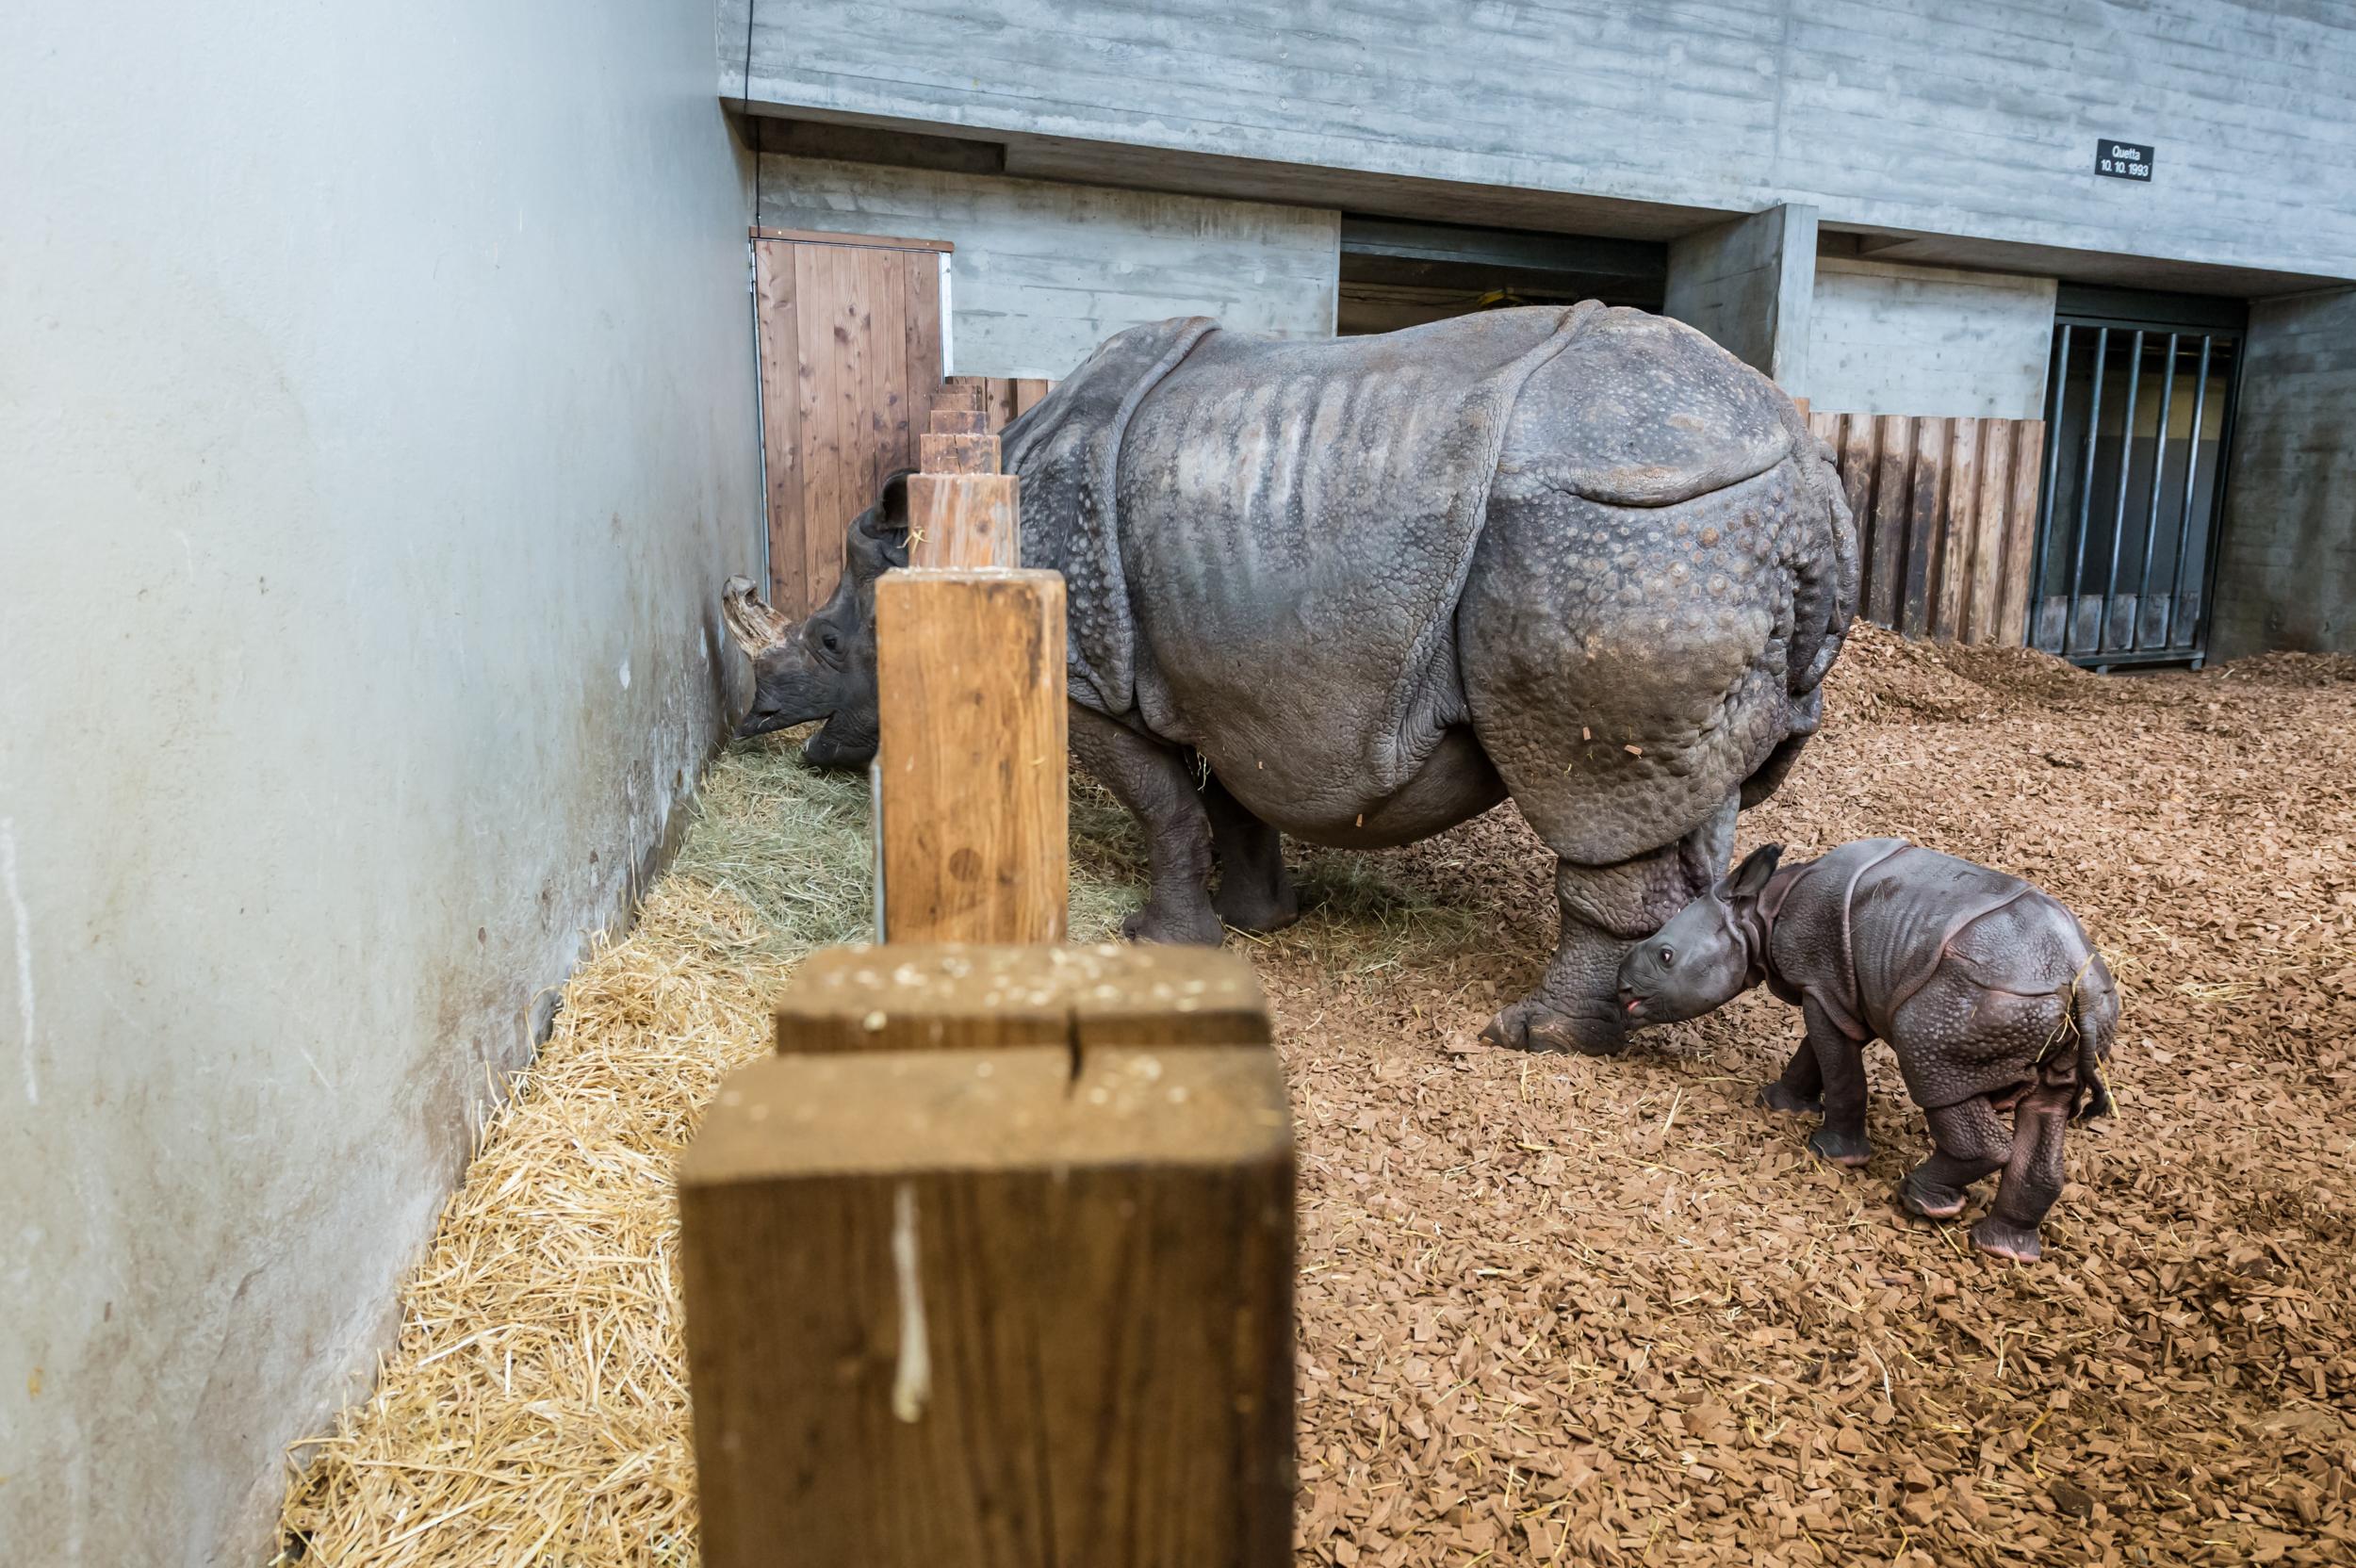 Mutter und Sohn im Nashornhaus, das nun wieder fürs Publikum geöffnet hat. Man solle sich aber aus Rücksicht ruhig verhalten.